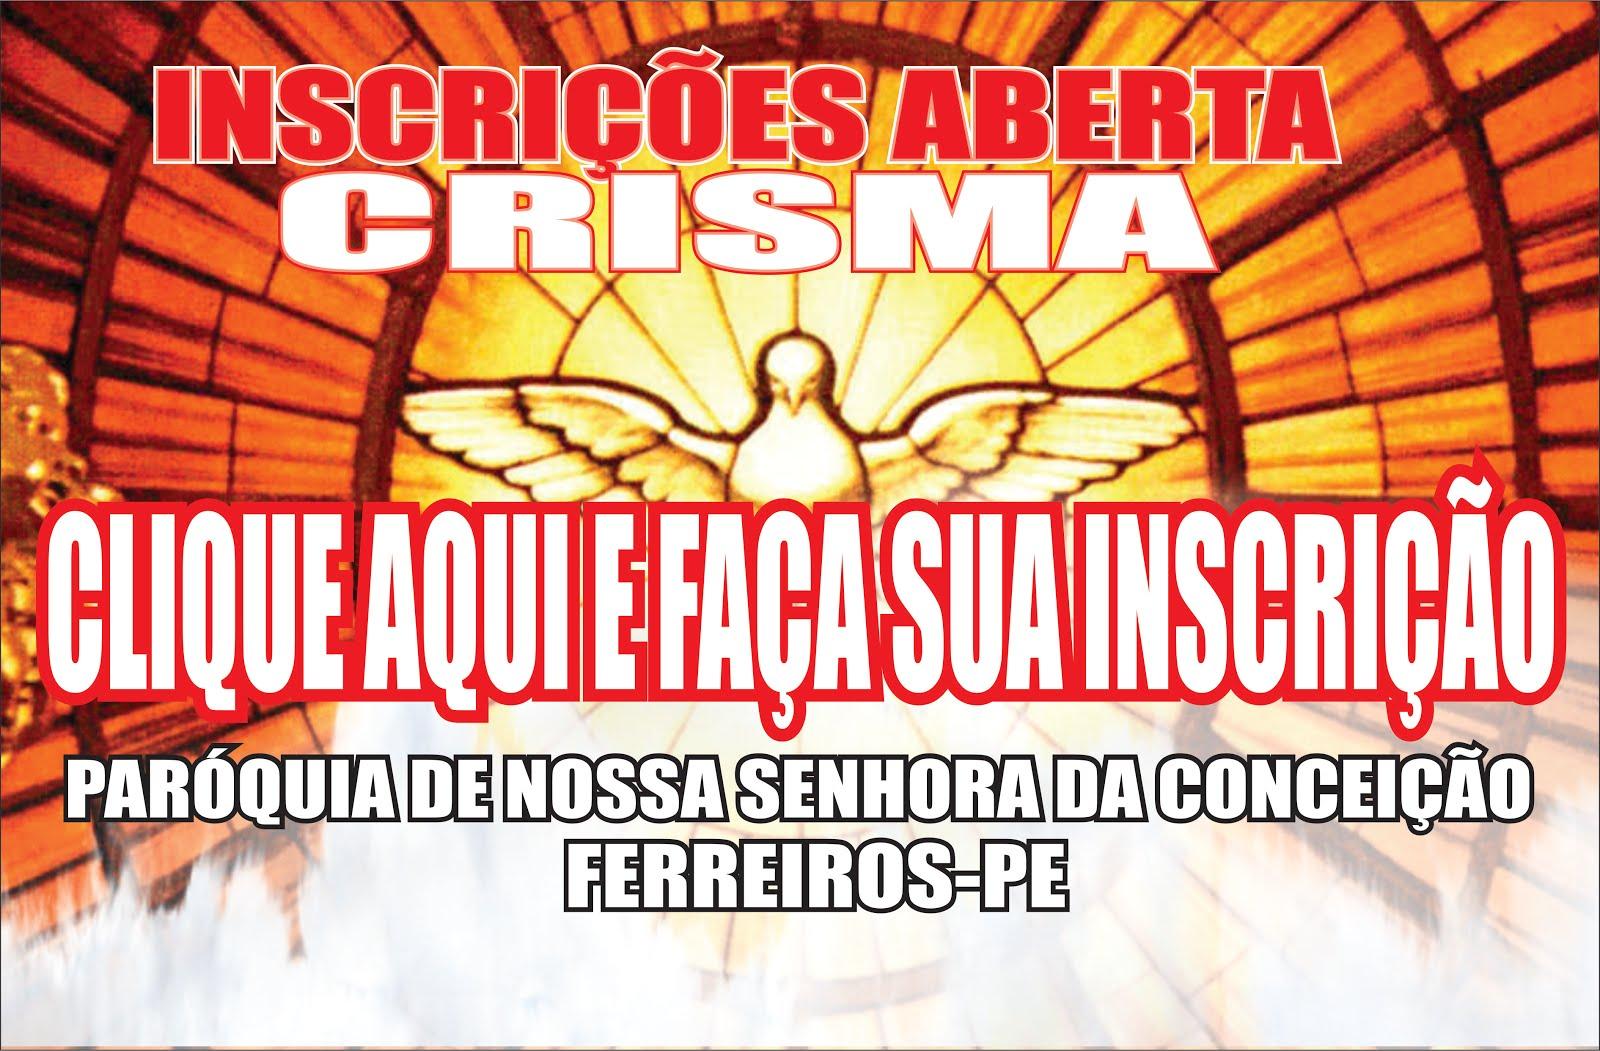 INSCRIÇÕES PARA CRISMA